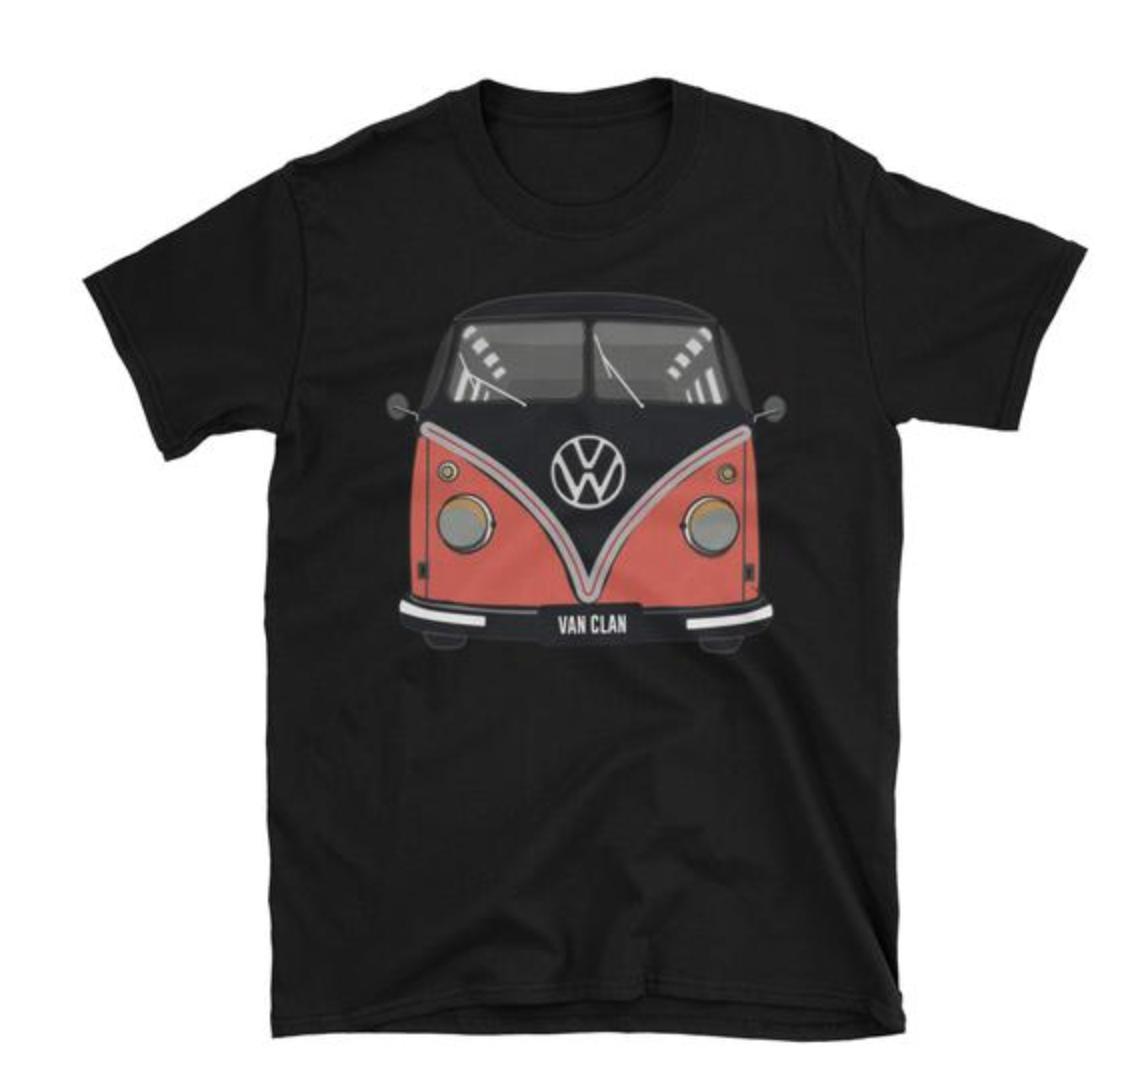 Van Clan VW Tee - Vanlife Tees